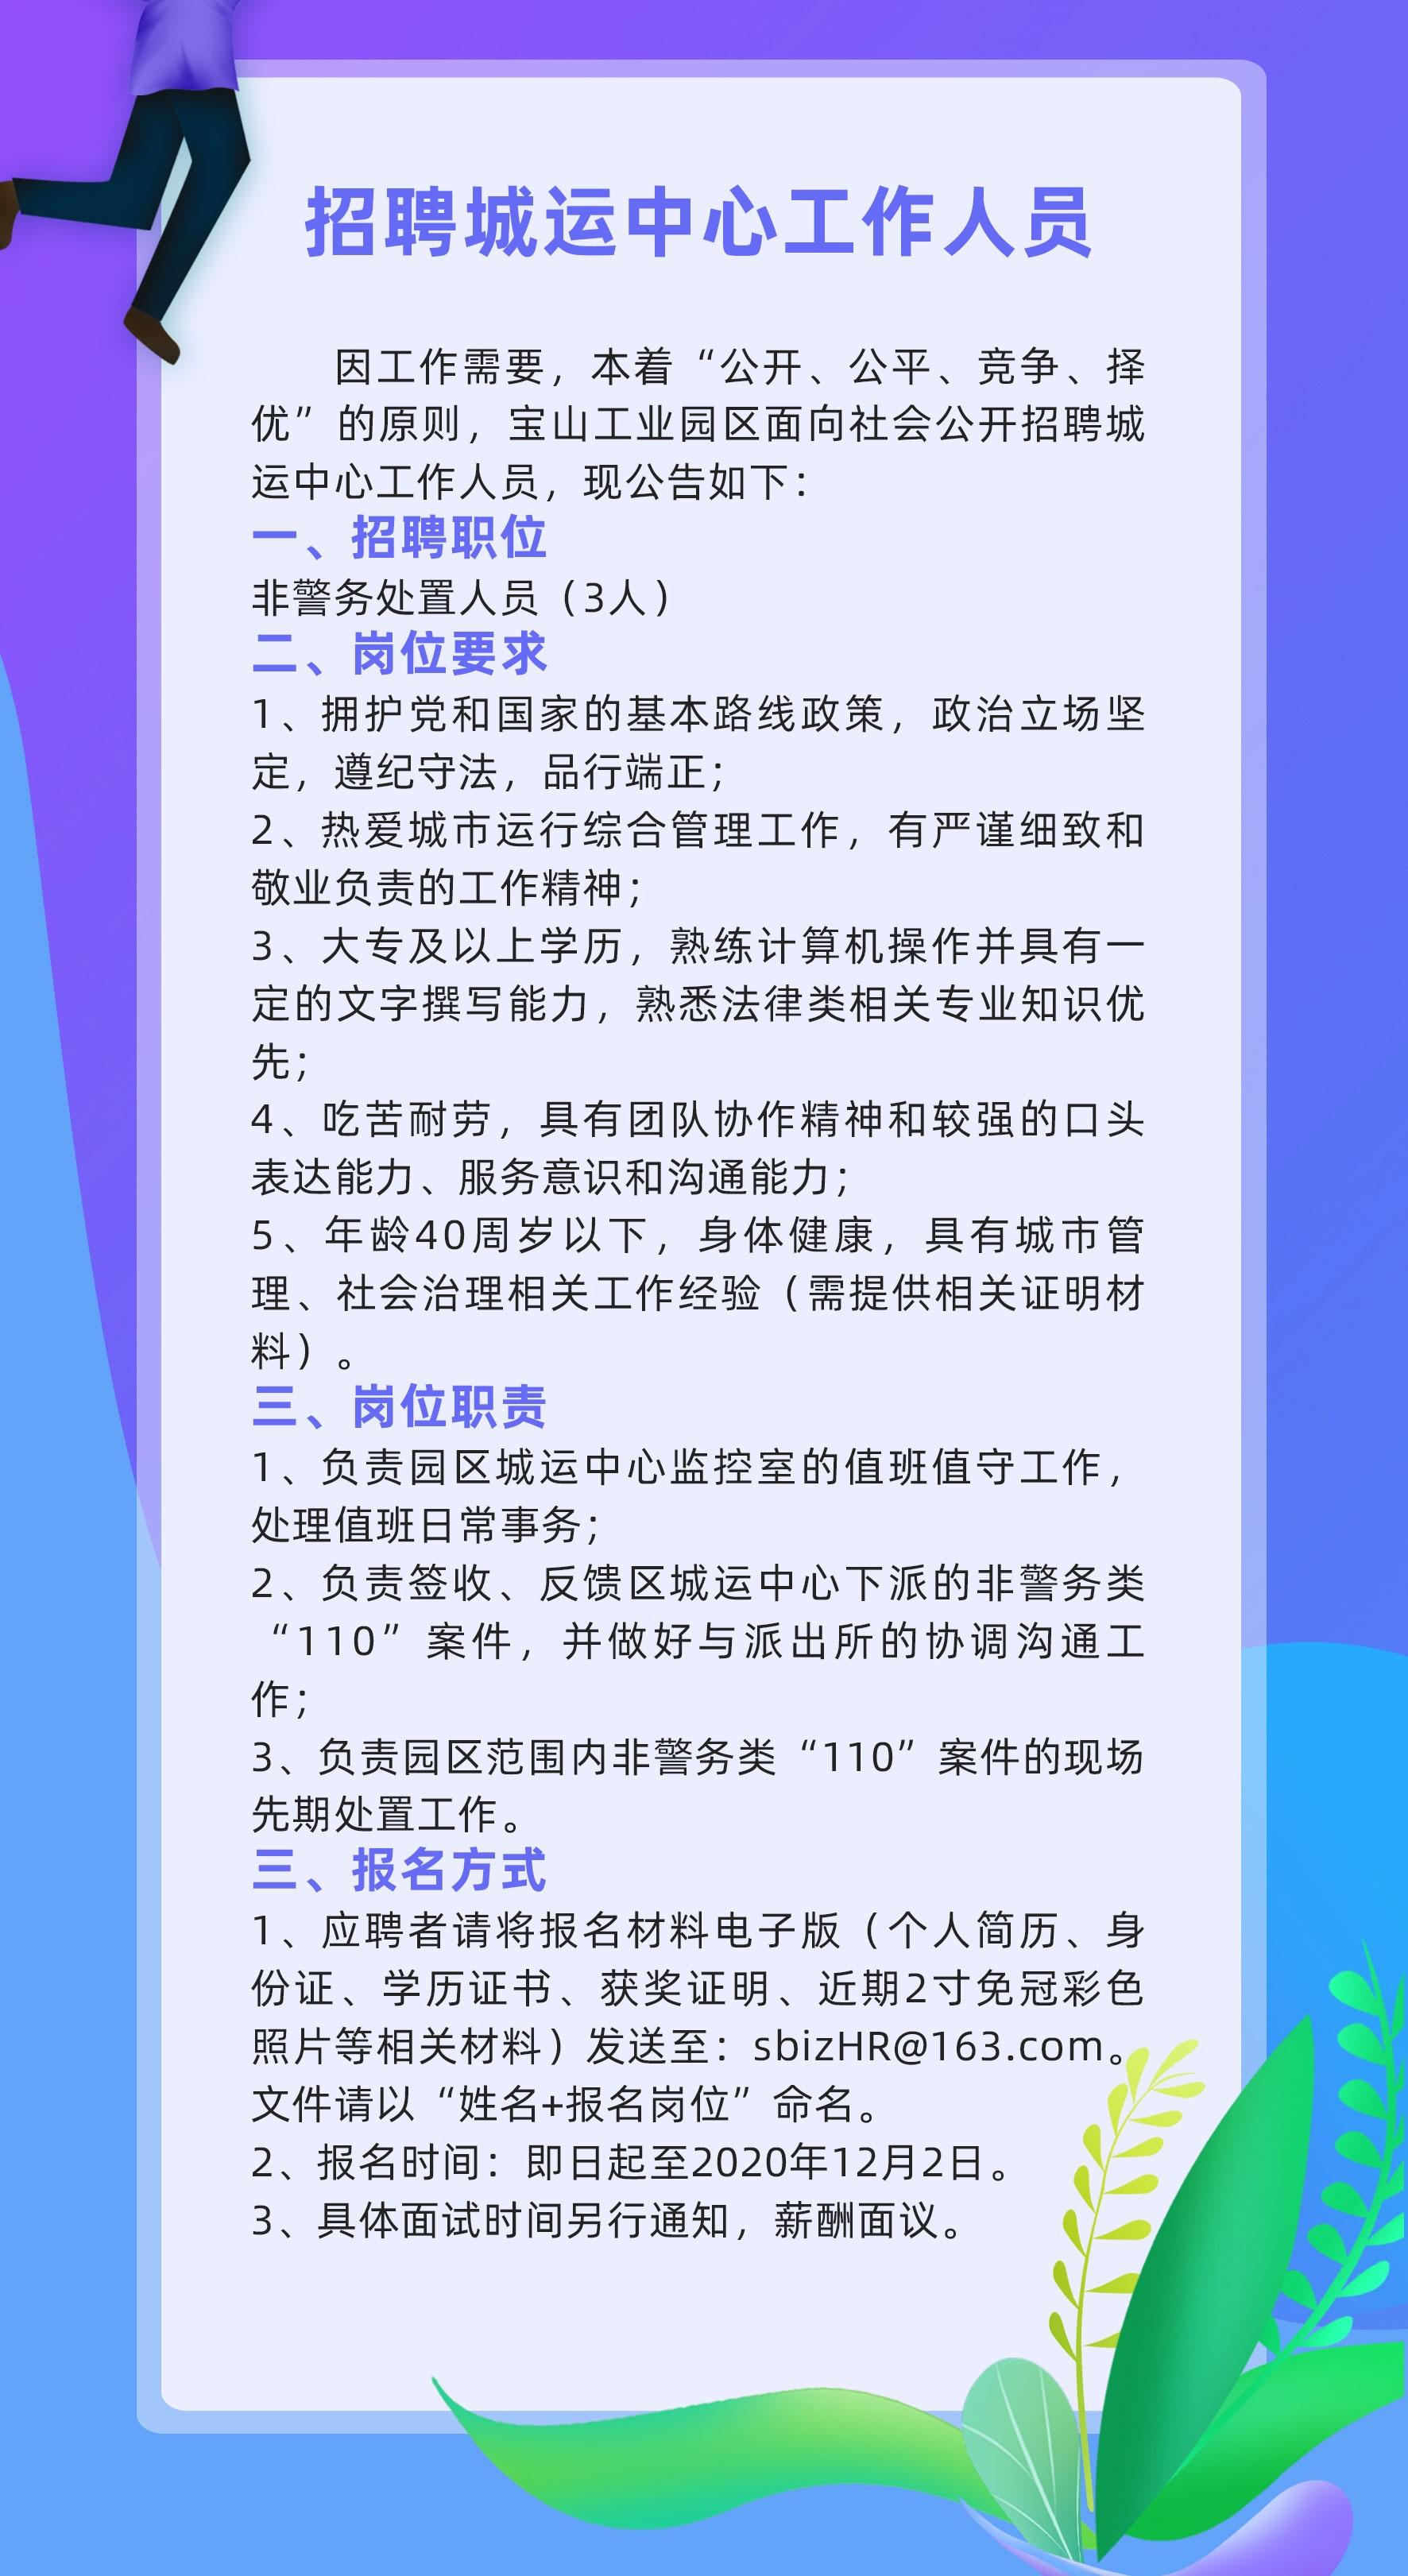 宝山招聘02.jpg